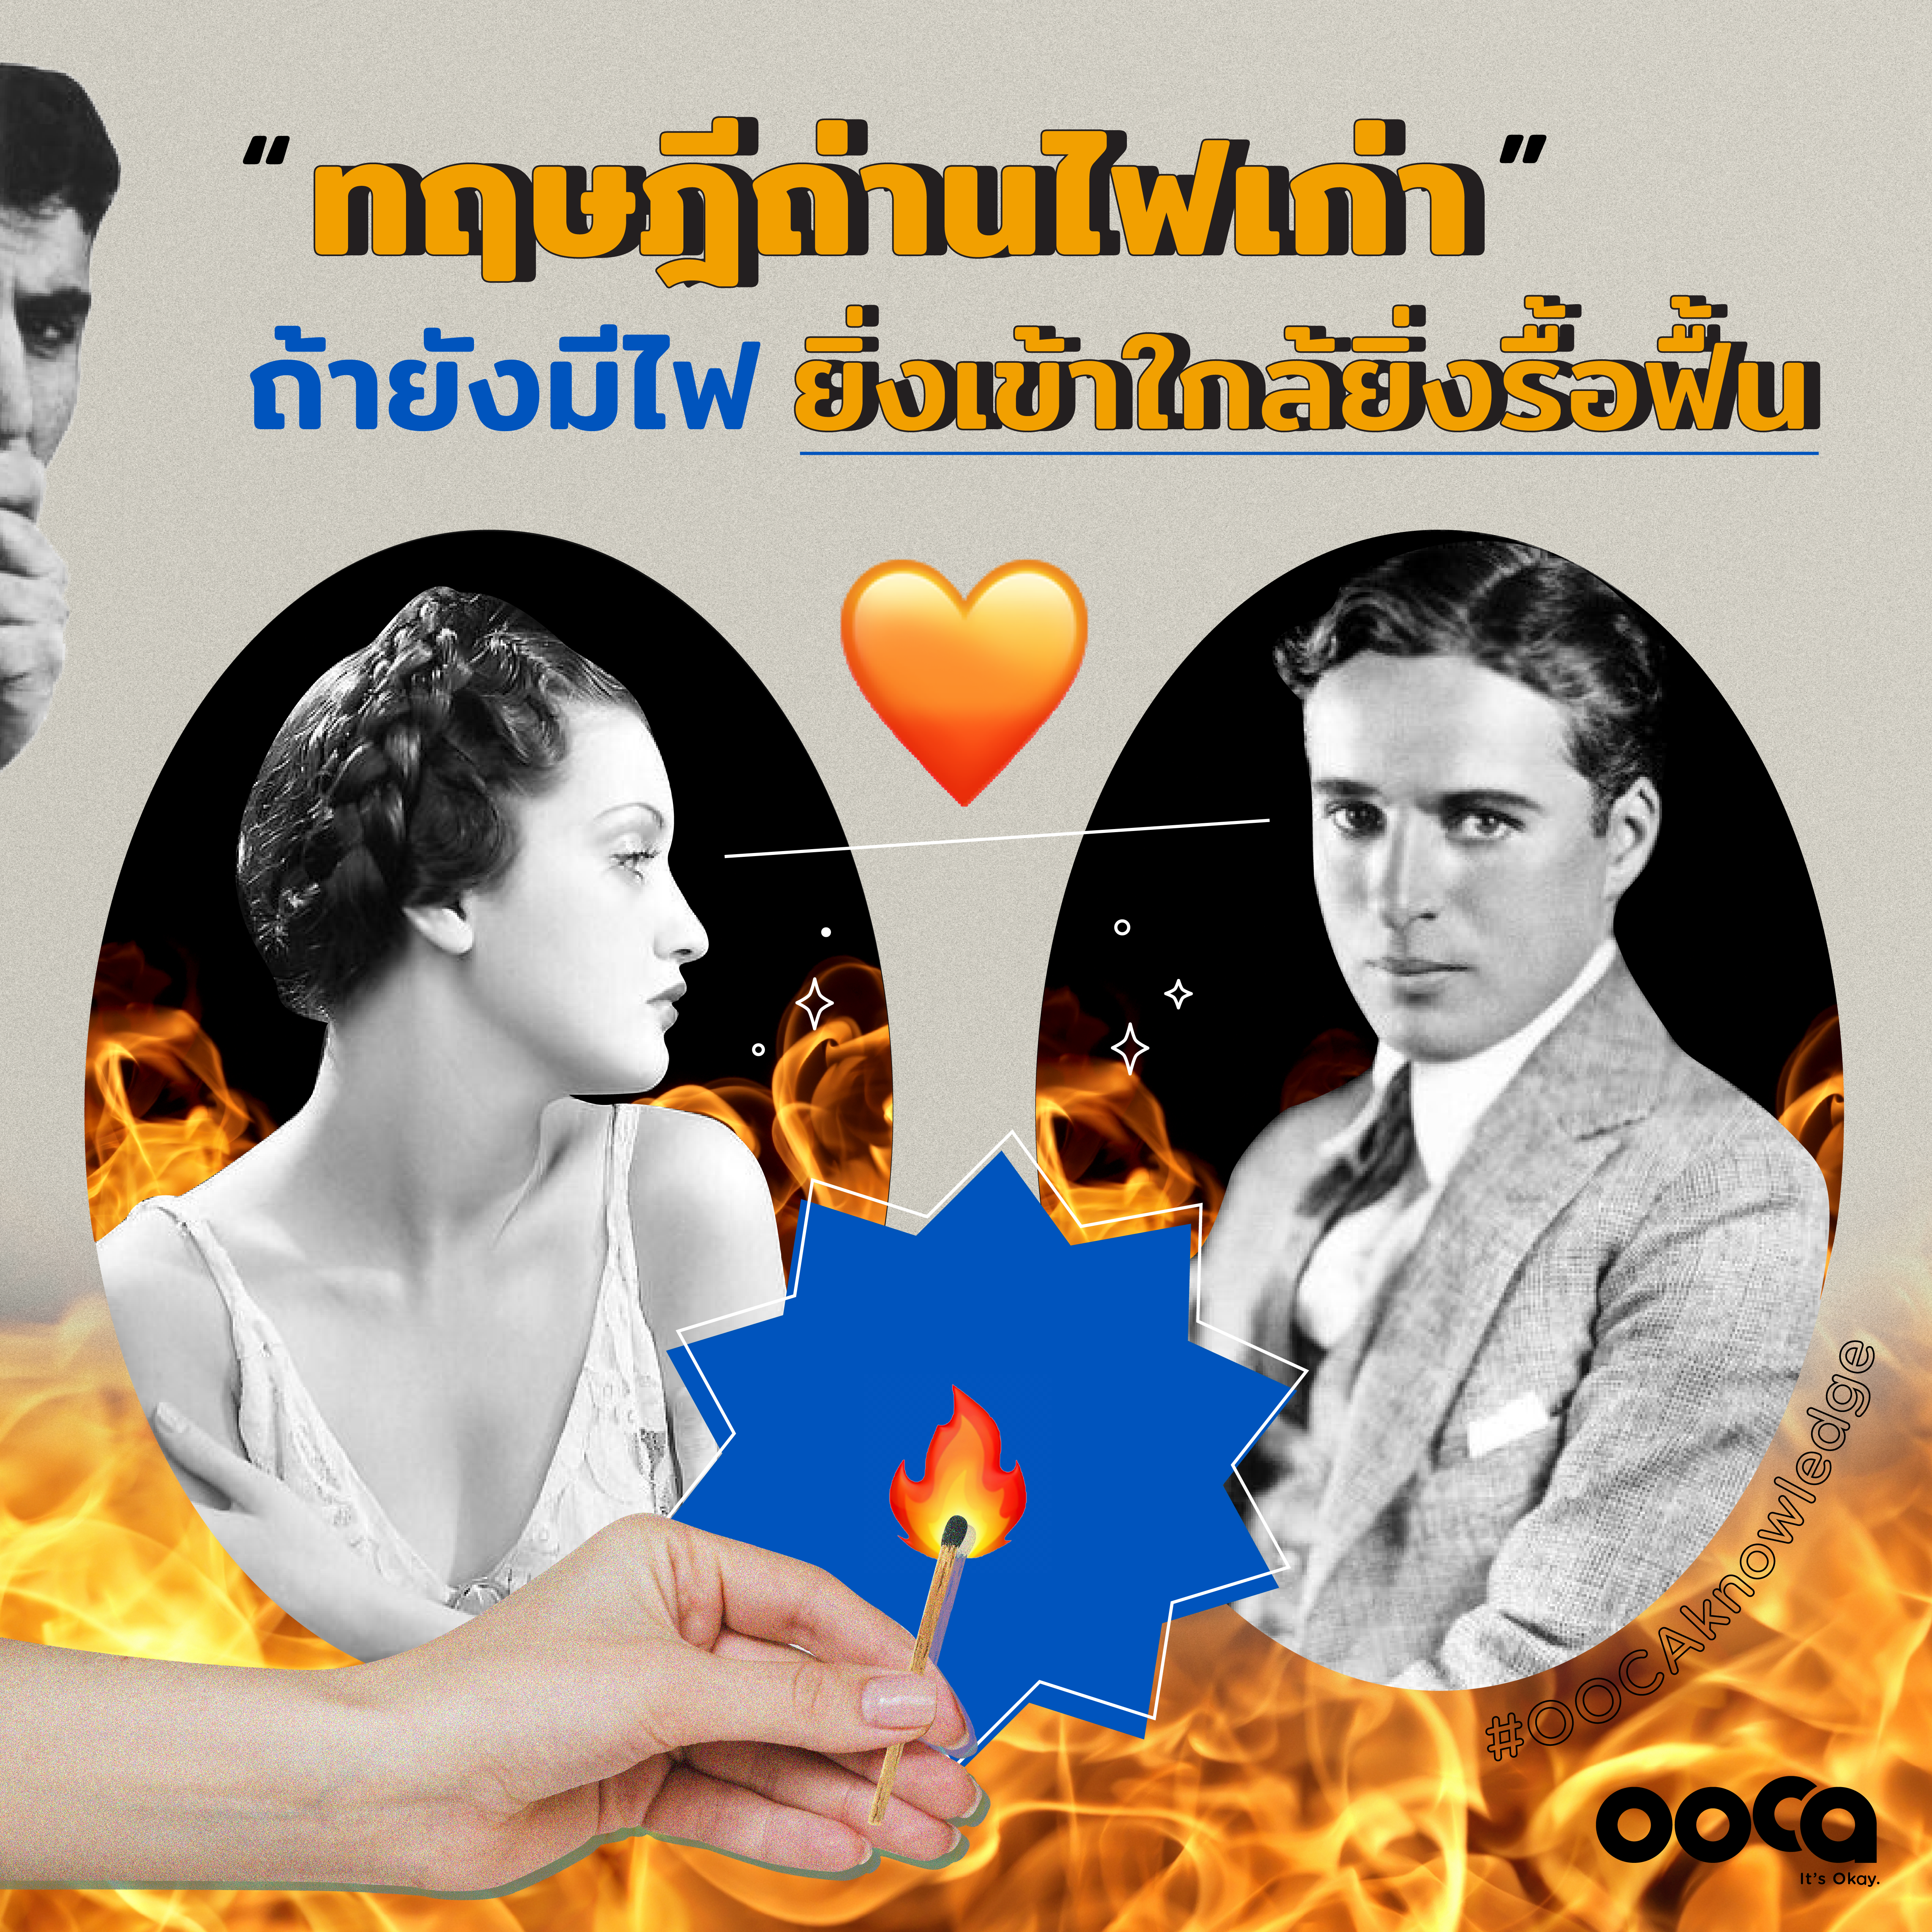 ทฤษฎี ถ่านไฟเก่า จิตวิทยาความรัก